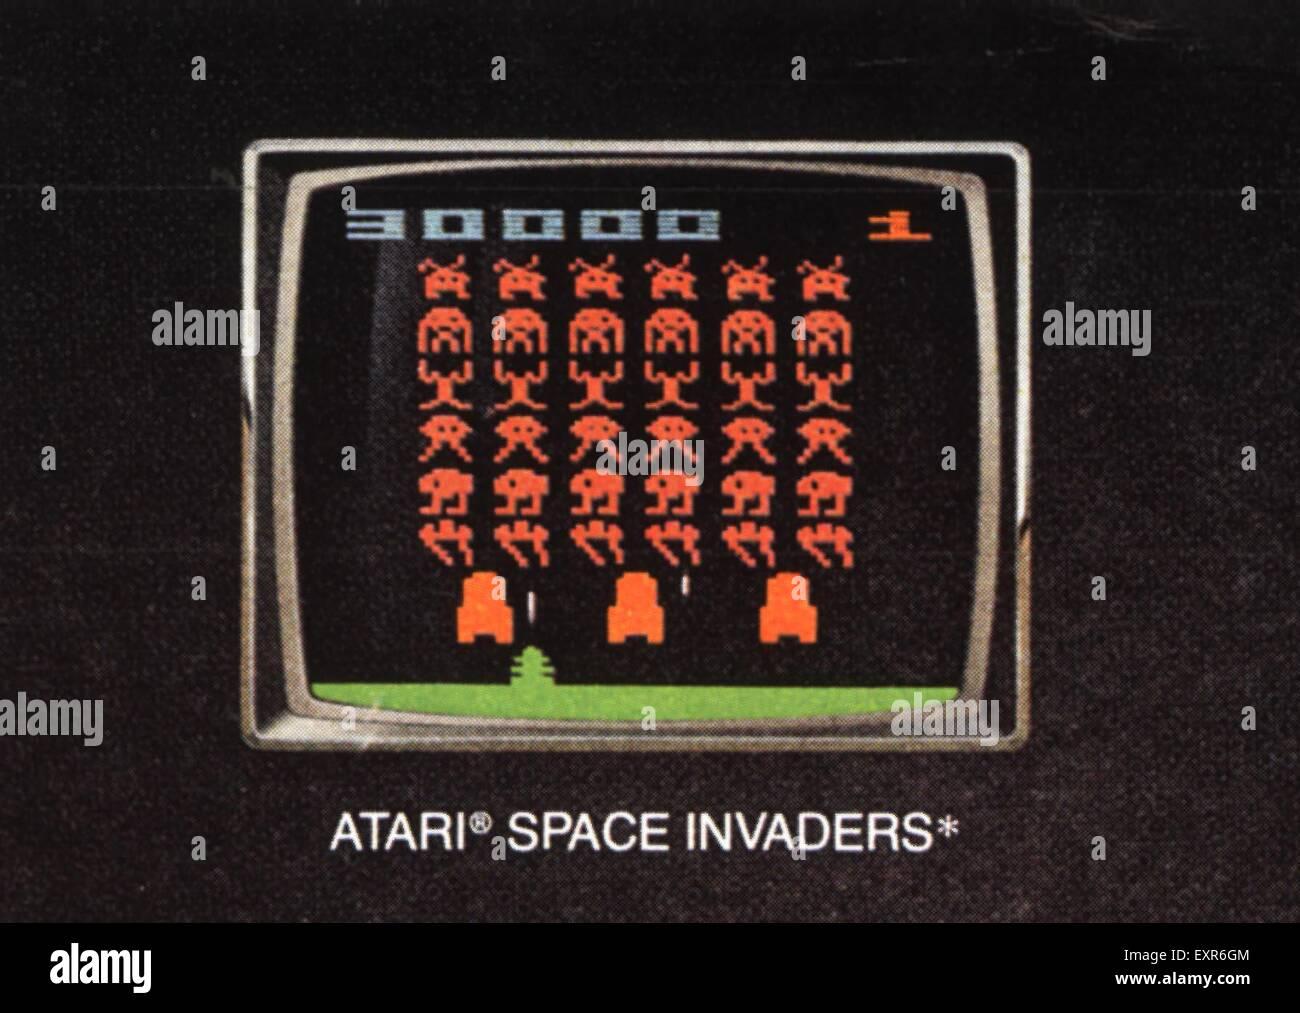 Atari Stock Photos & Atari Stock Images - Alamy